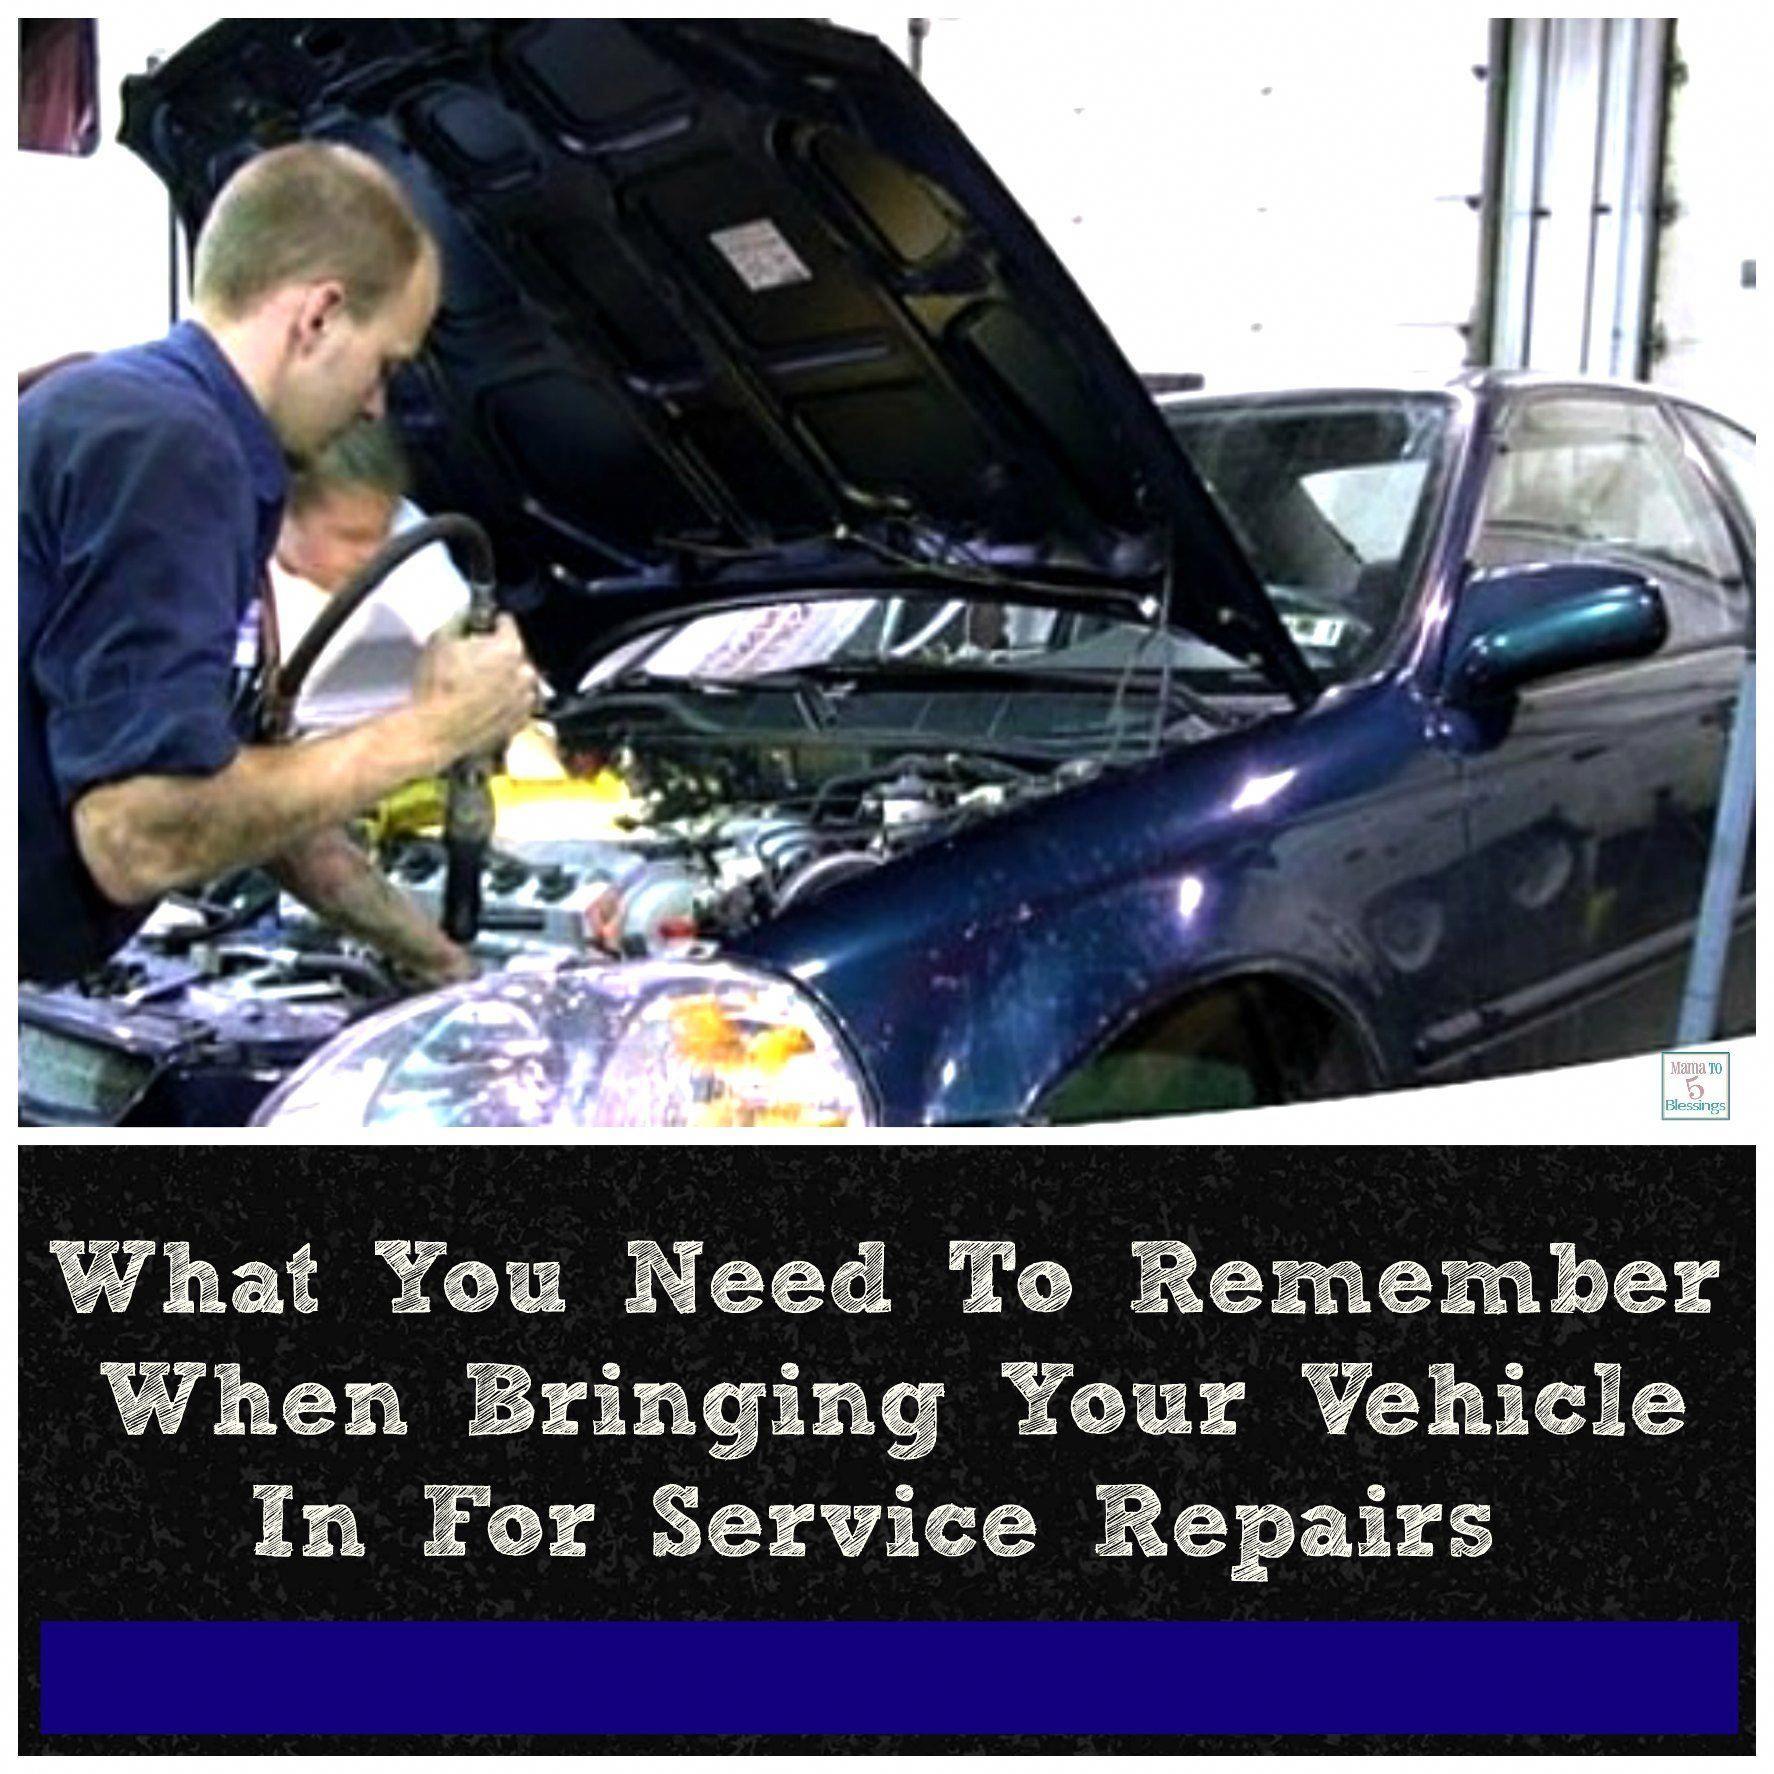 Car Damage And Repair Car Repair Service Car Mechanic